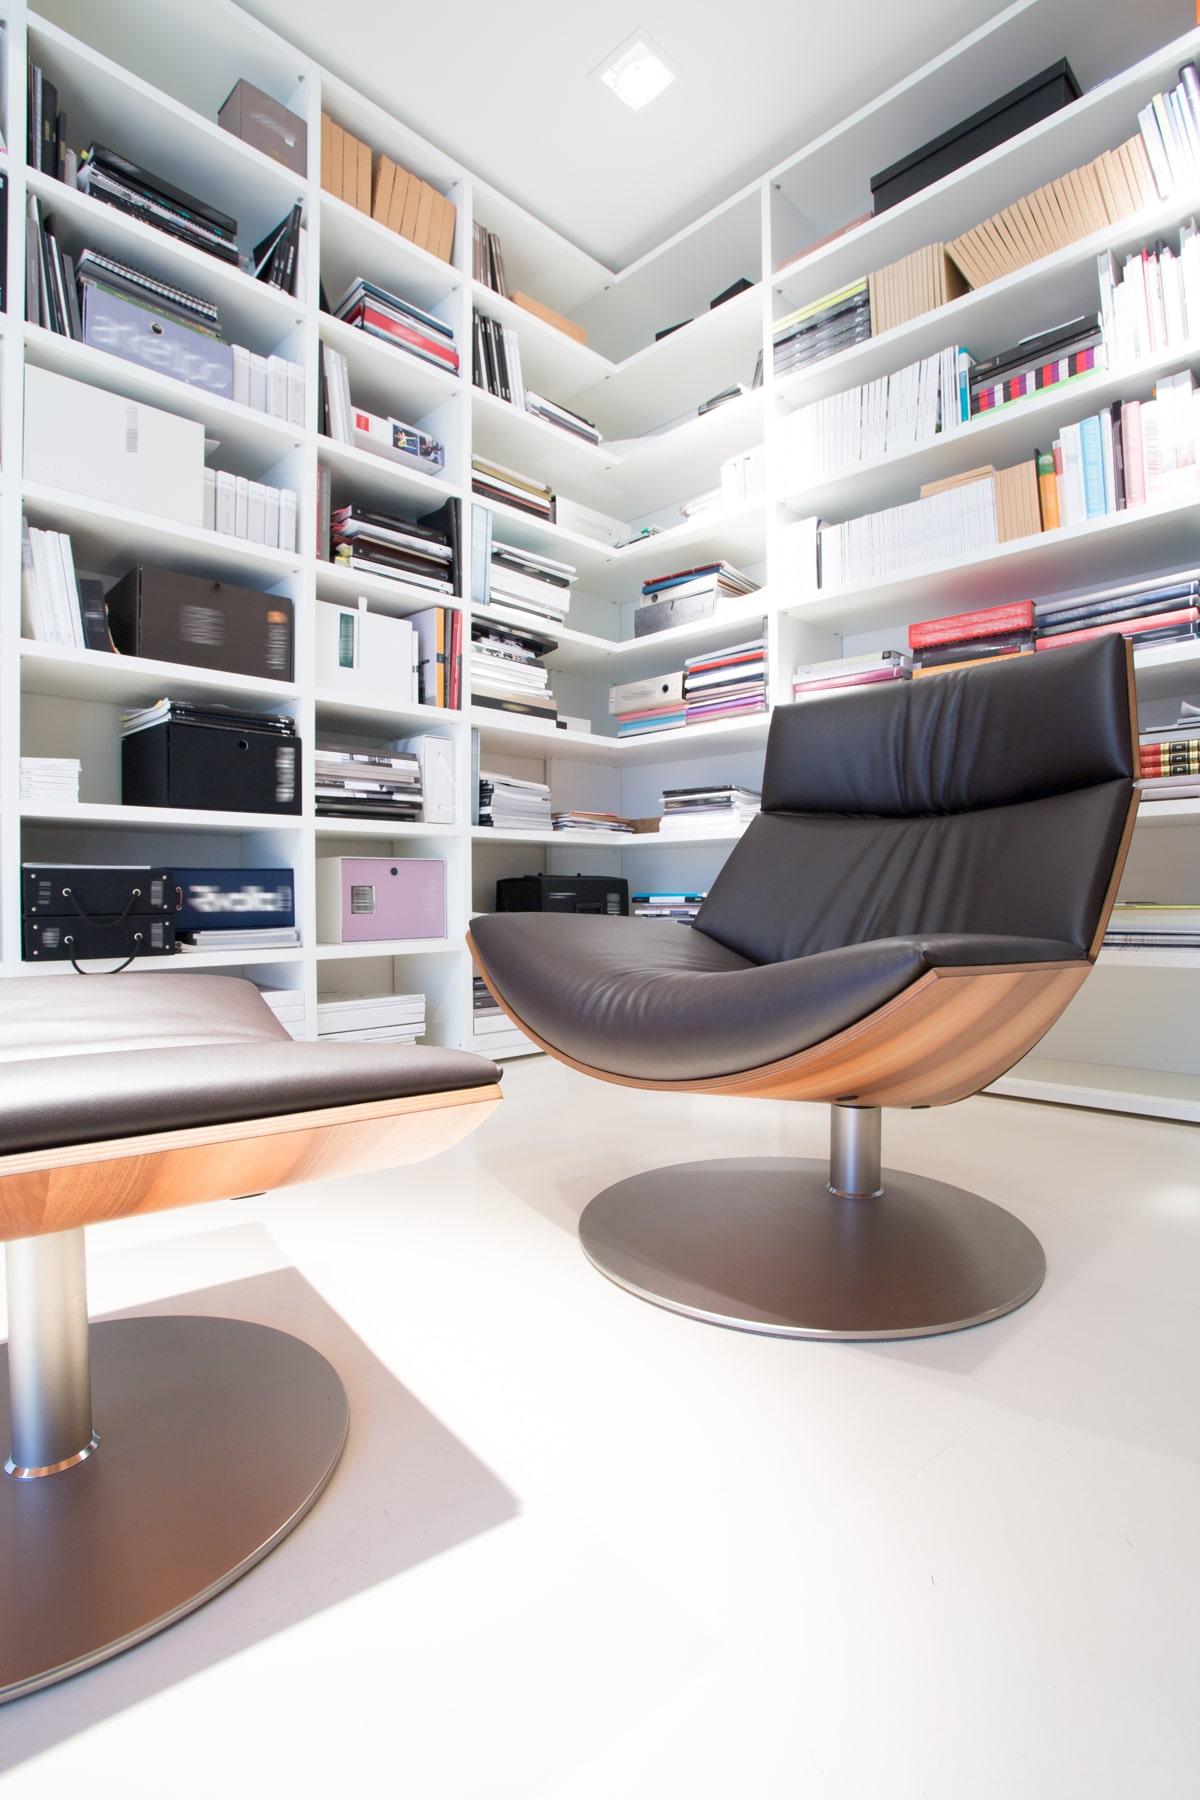 pomieszczenie biblioteczka w domu